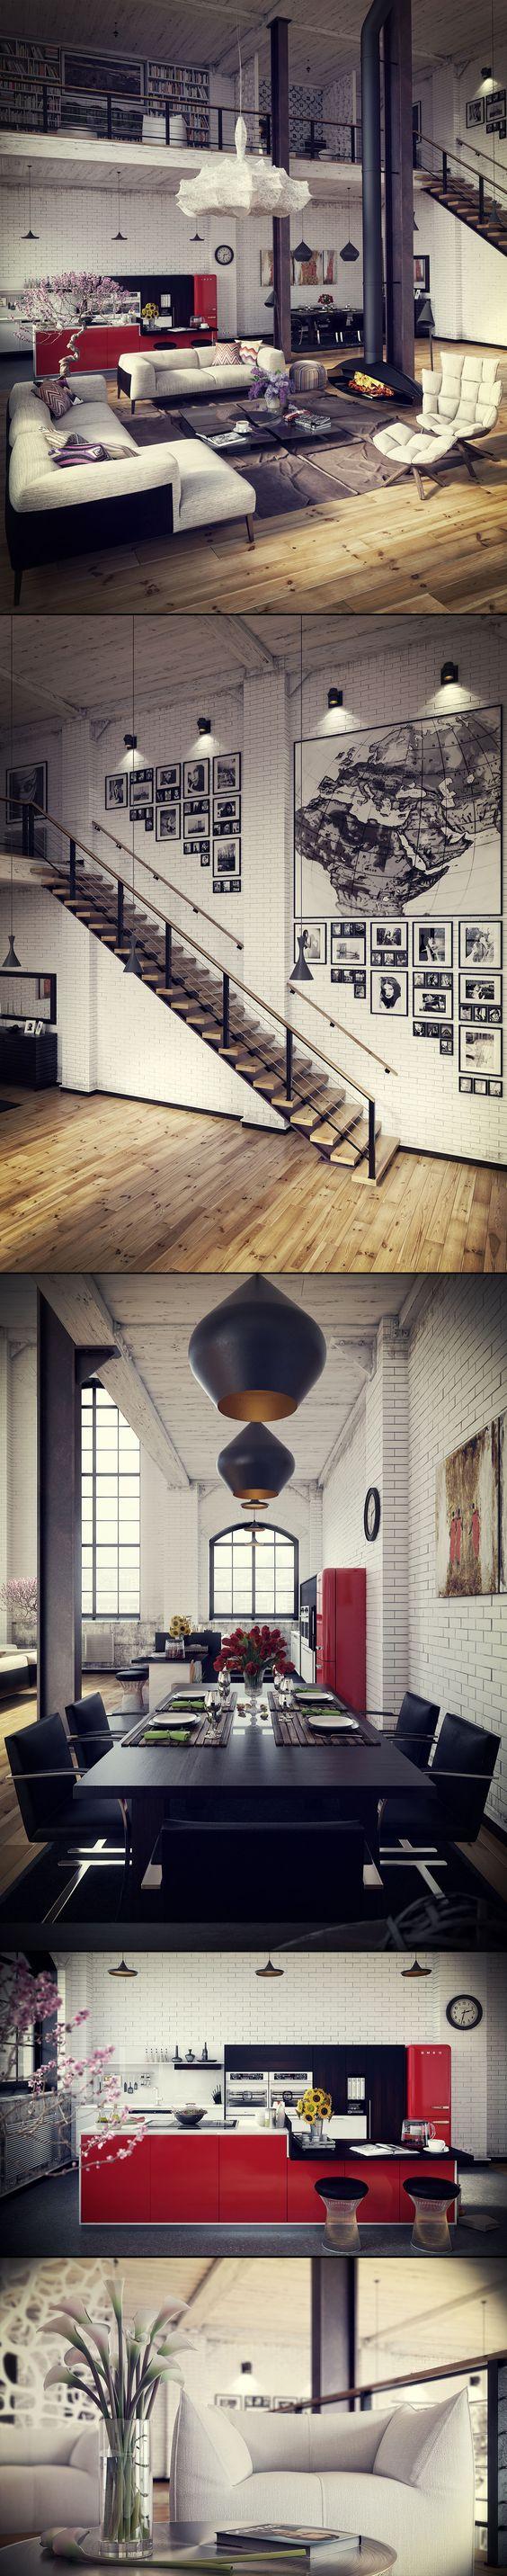 Magical Interior Design